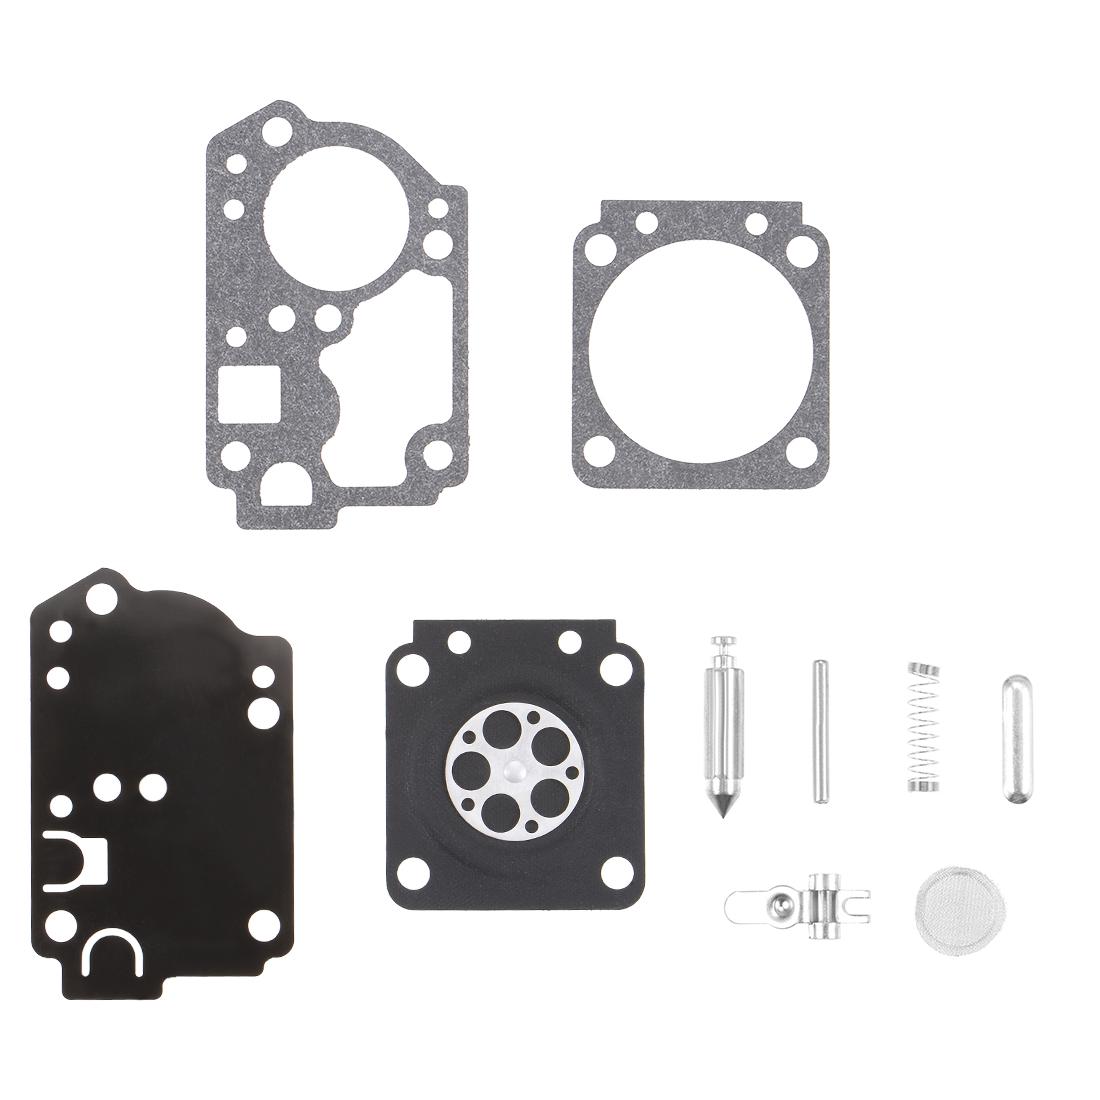 RB-168 Carburetor Rebuild Kit Gasket for Zmam Carburetor C1M-W44 3pcs